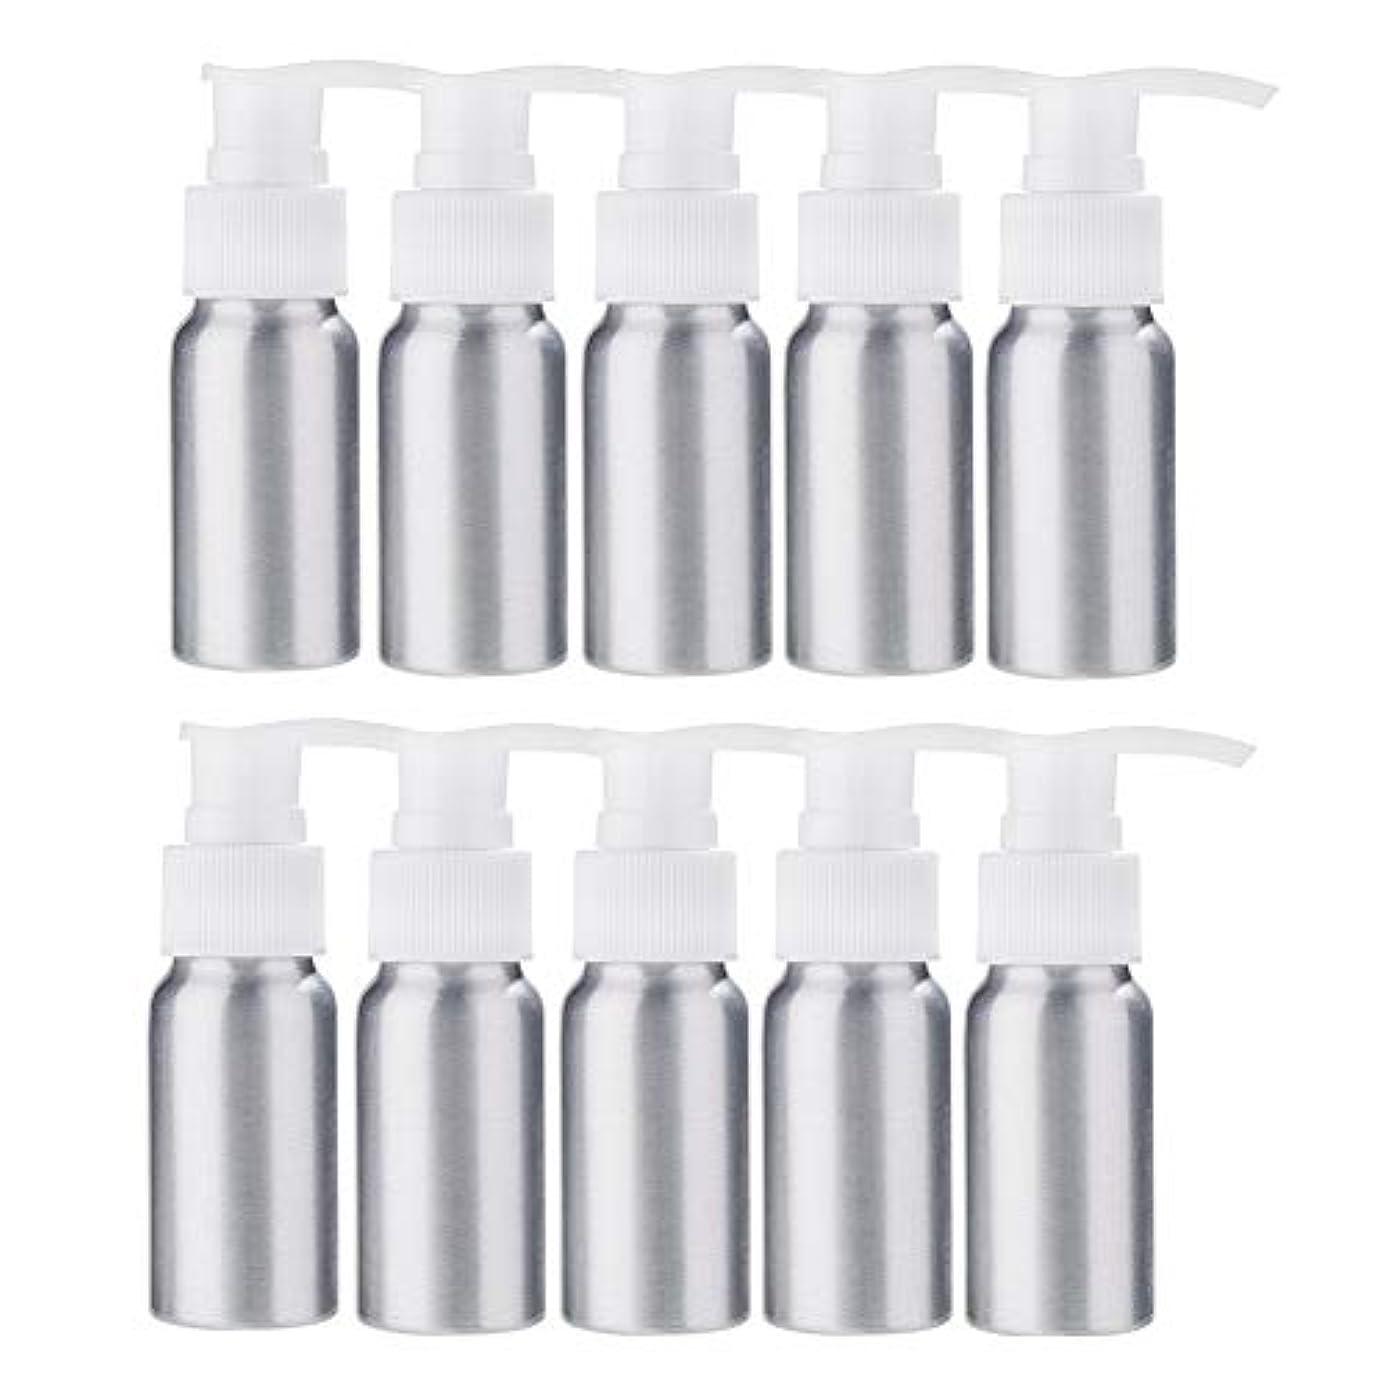 風景非効率的な描くBENECREAT 10個セット30mlポンプアルミボトル 空ボトル 防錆 軽量 化粧品 クリーム 小分け 詰め替え 白いポンプ